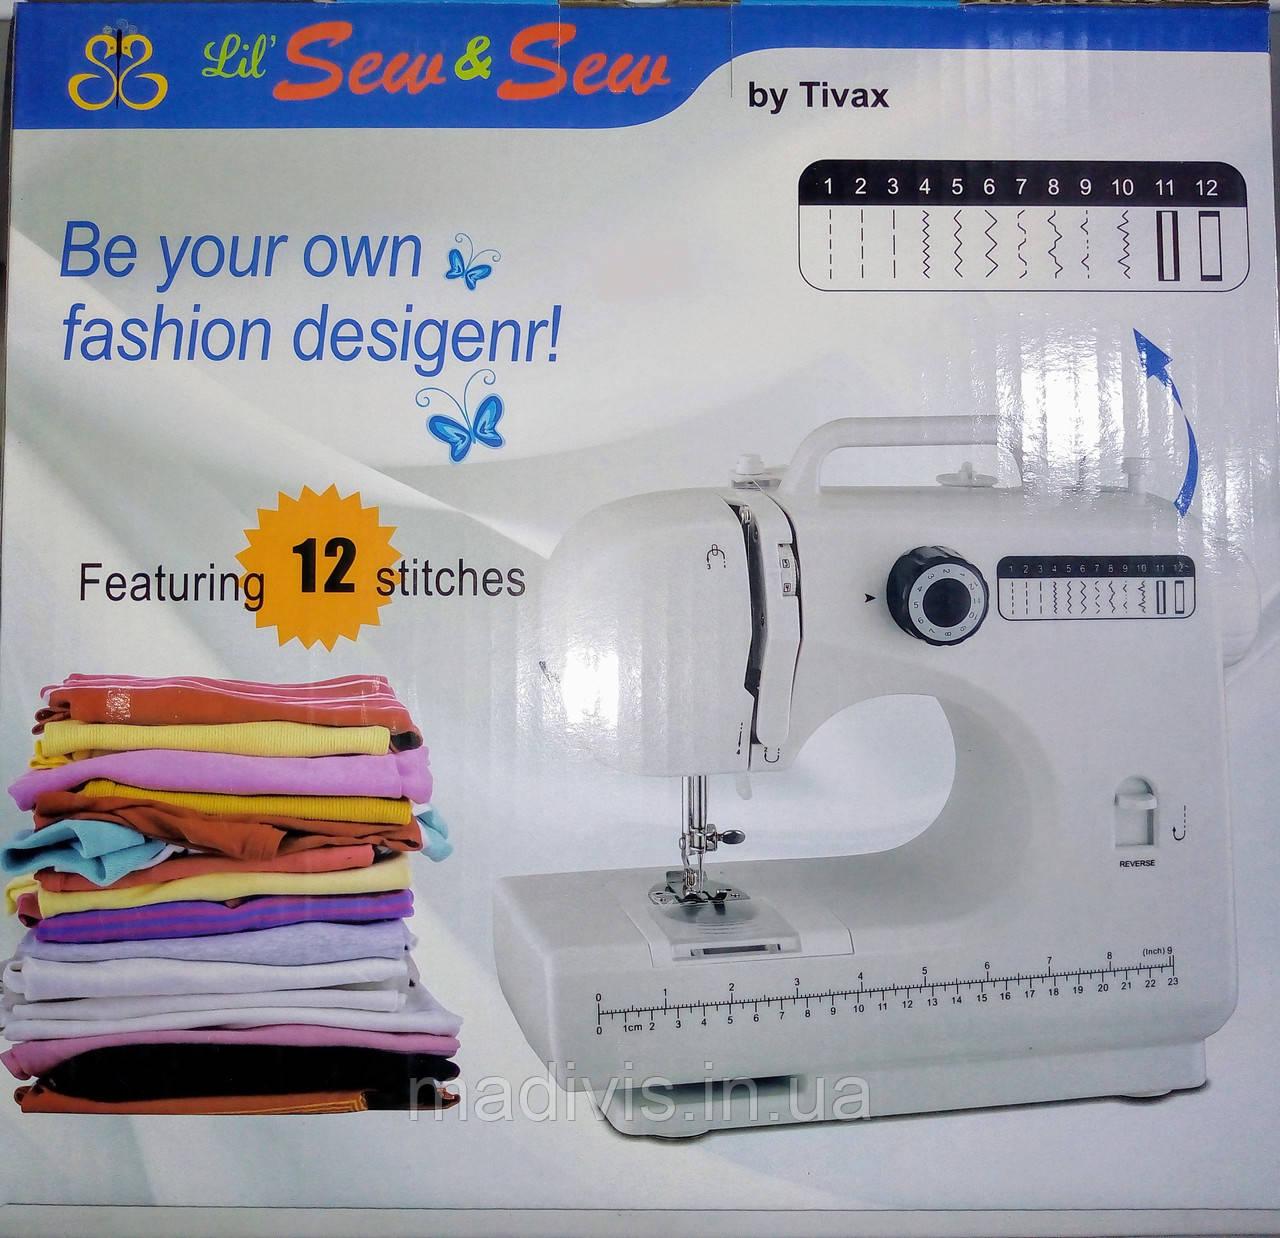 Портативная многофункциональная домашняя швейная машинка 12 В 1 FHSM-506